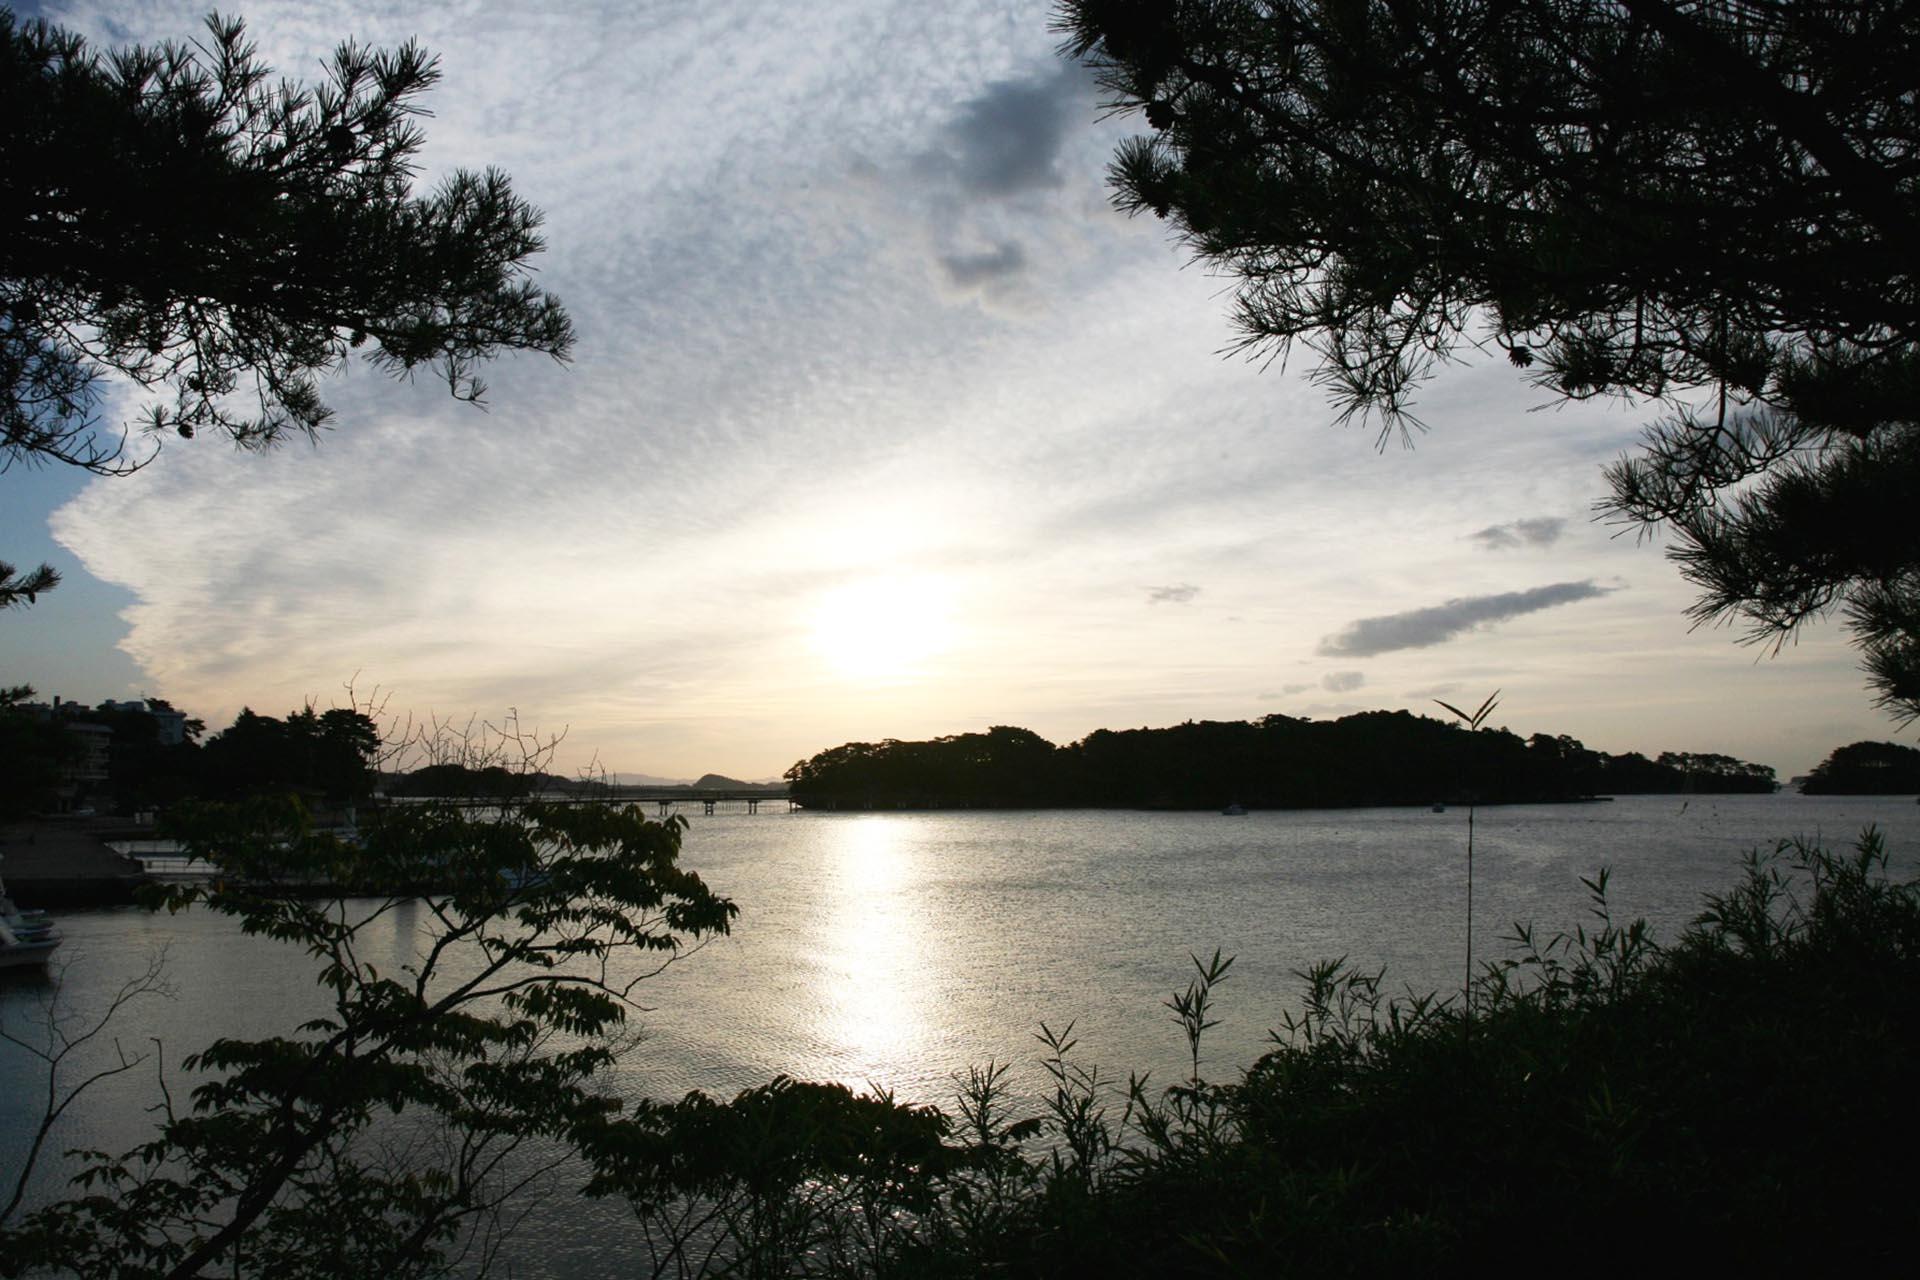 朝の松島の風景 宮城の風景